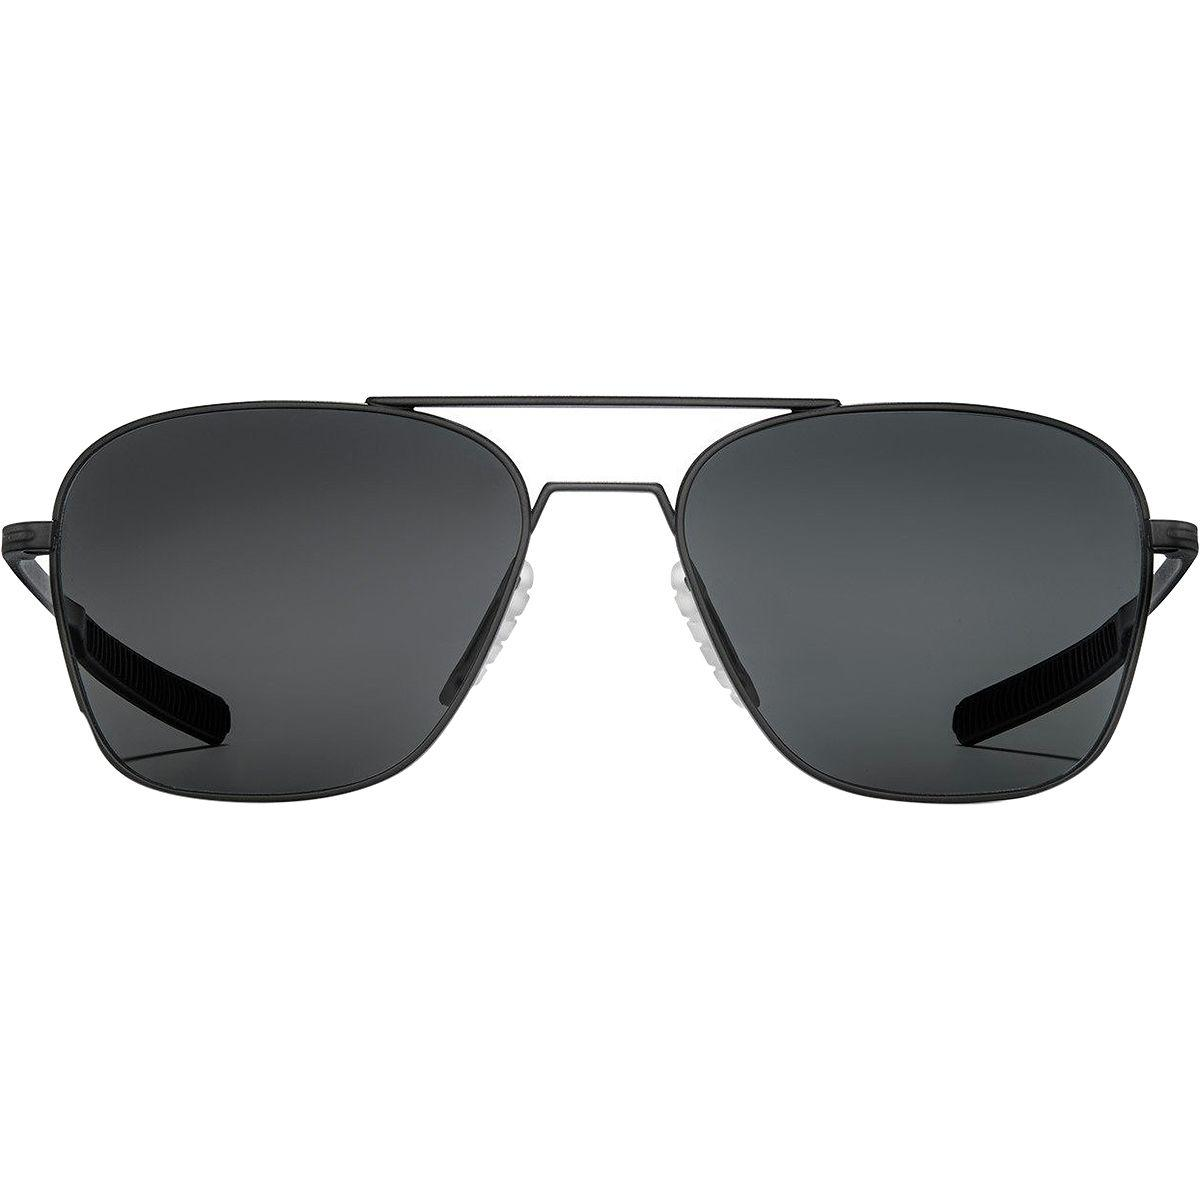 bbea308c0 Lyst - Roka Falcon Titanium Polarized Sunglasses in Black for Men